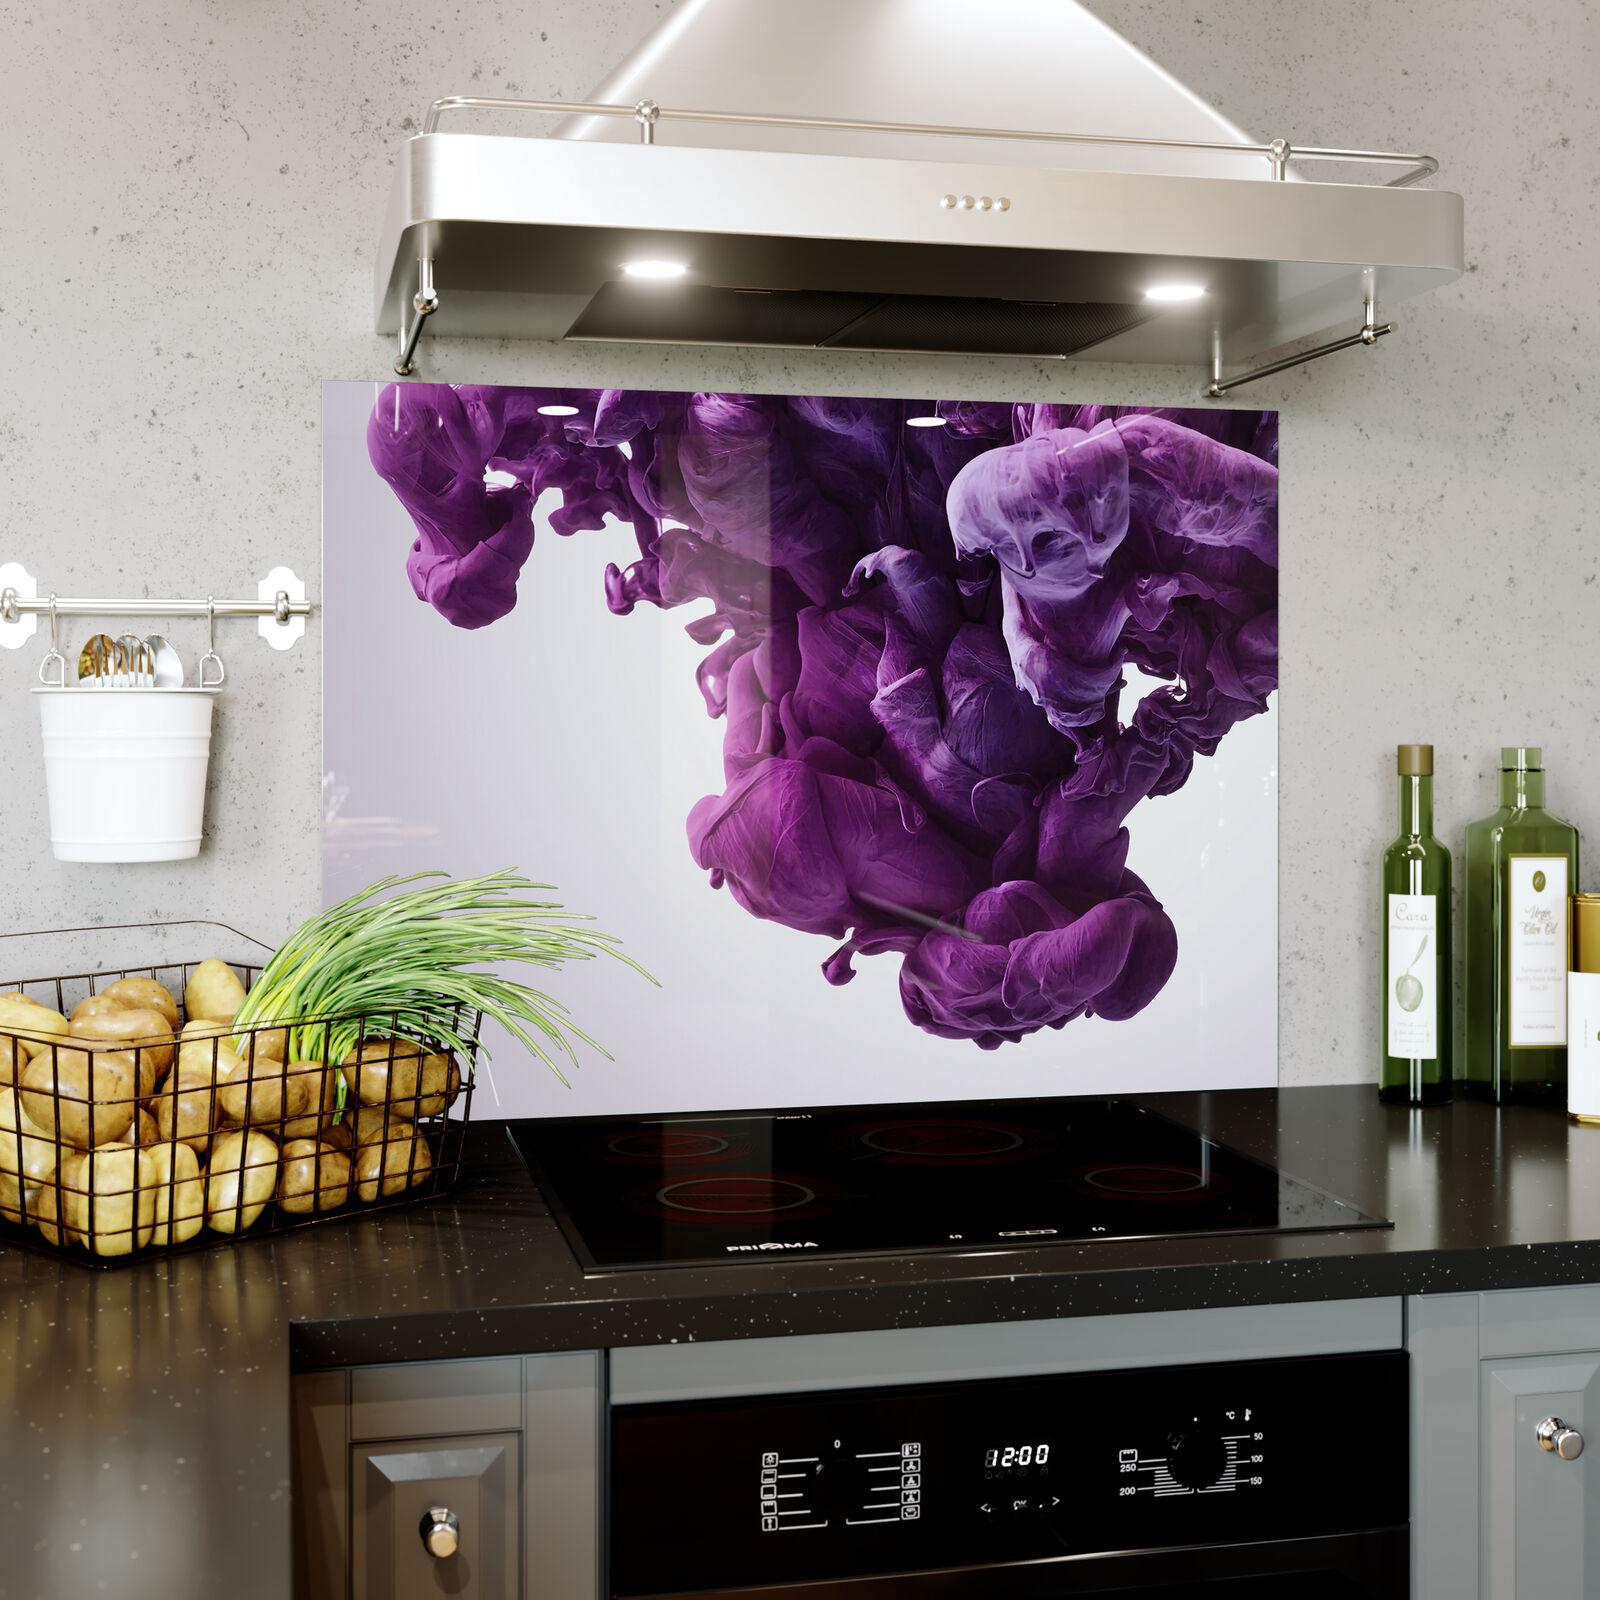 Vidrio Pa Templado De Cocina salpicaduras Panel Pa Vidrio rojo  Pintura Abstracta Splash Prizma SB0395 639187